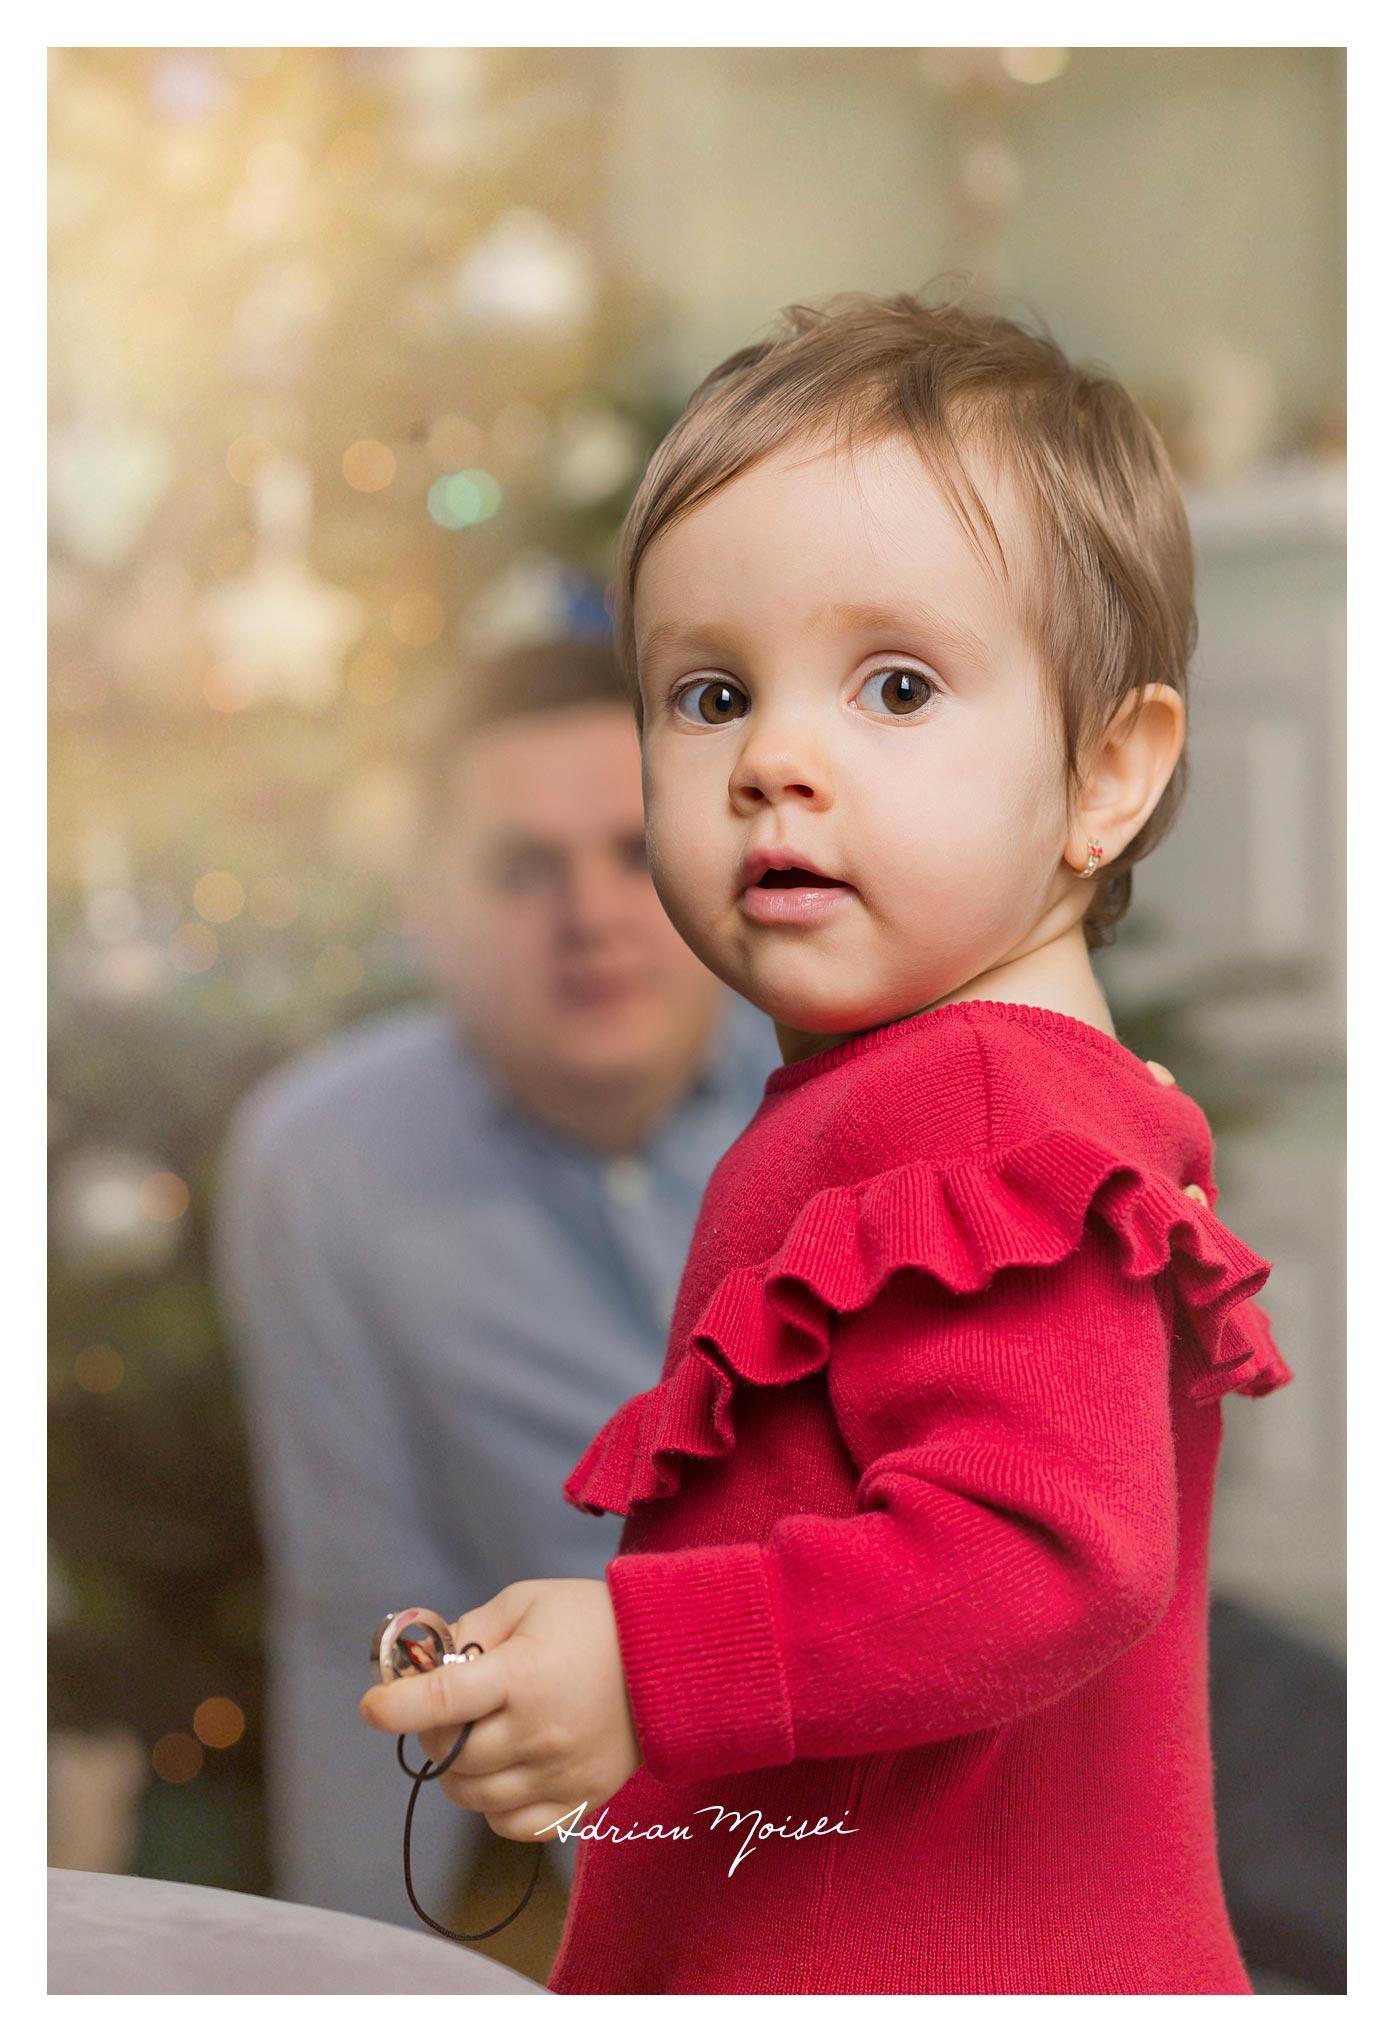 Fotograf de familie Iași - fetiță la doi ani împreună cu părintii ei, foto Adrian Moisei